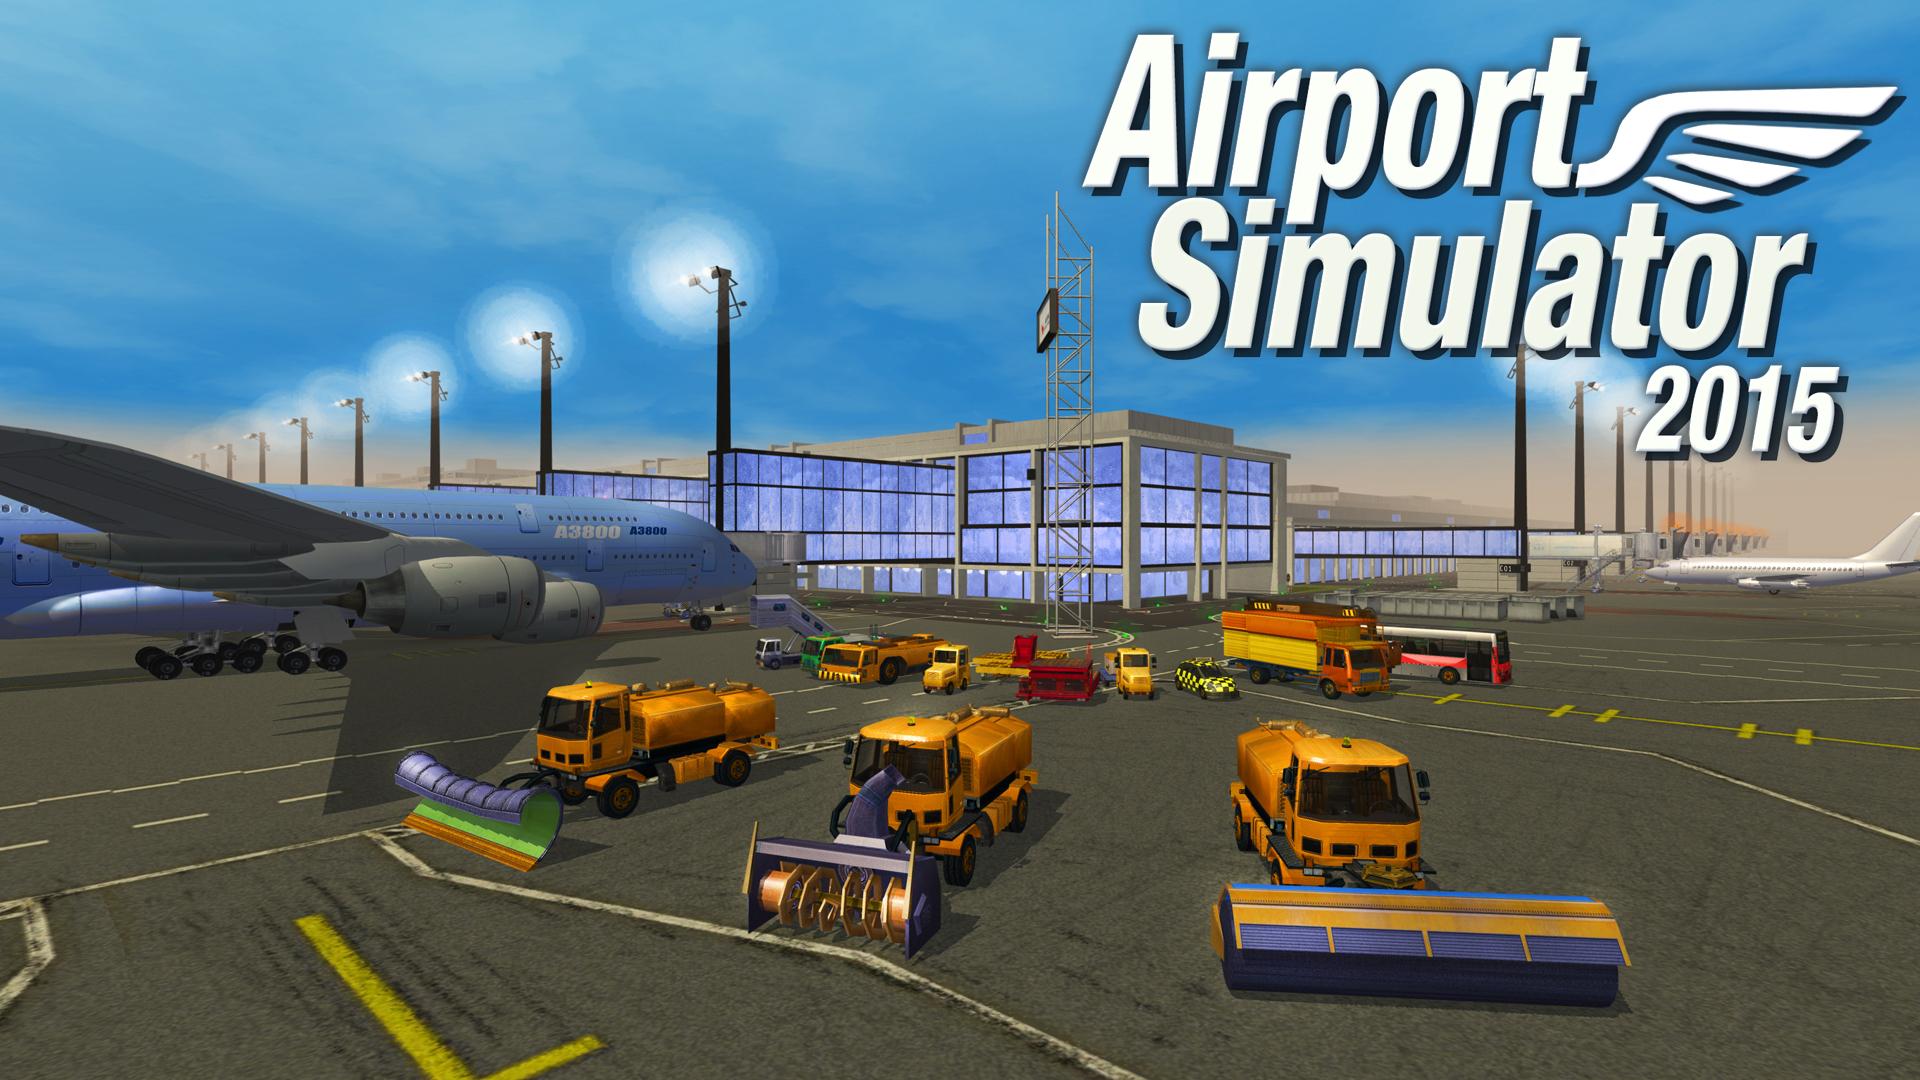 Airport Simulator 2015